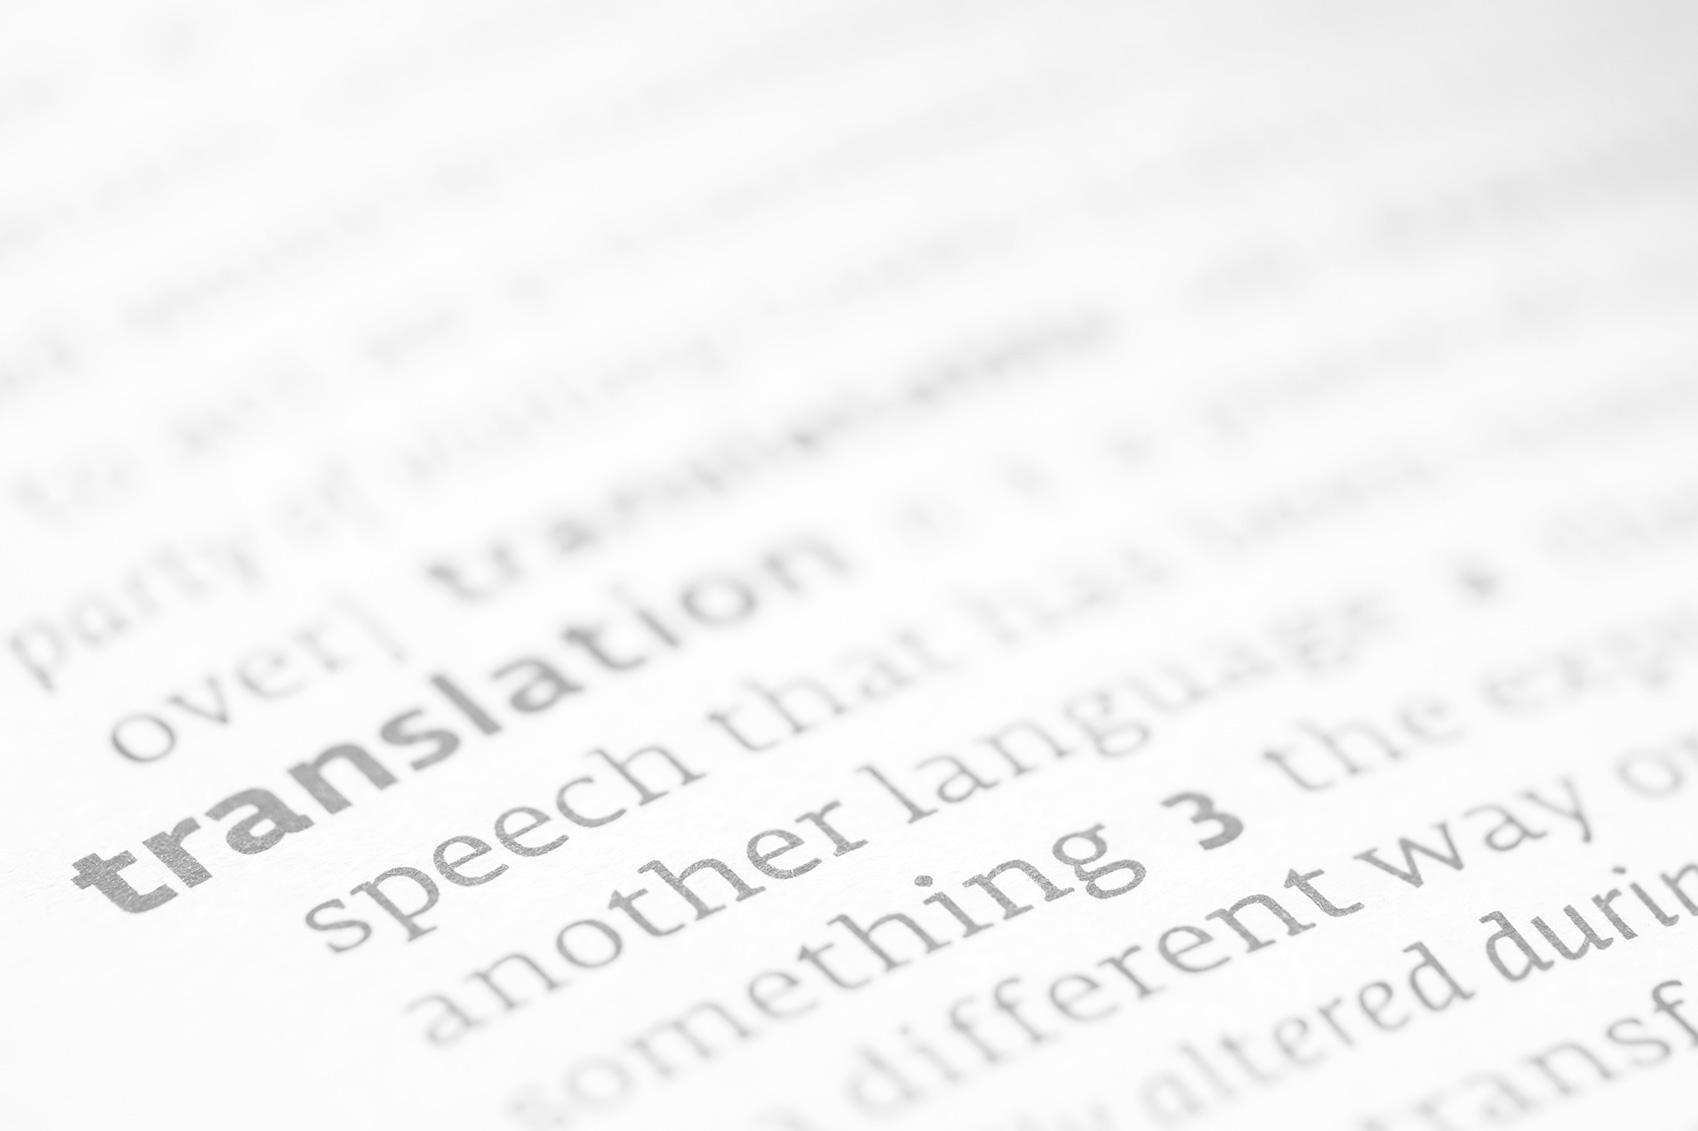 cv-traductor